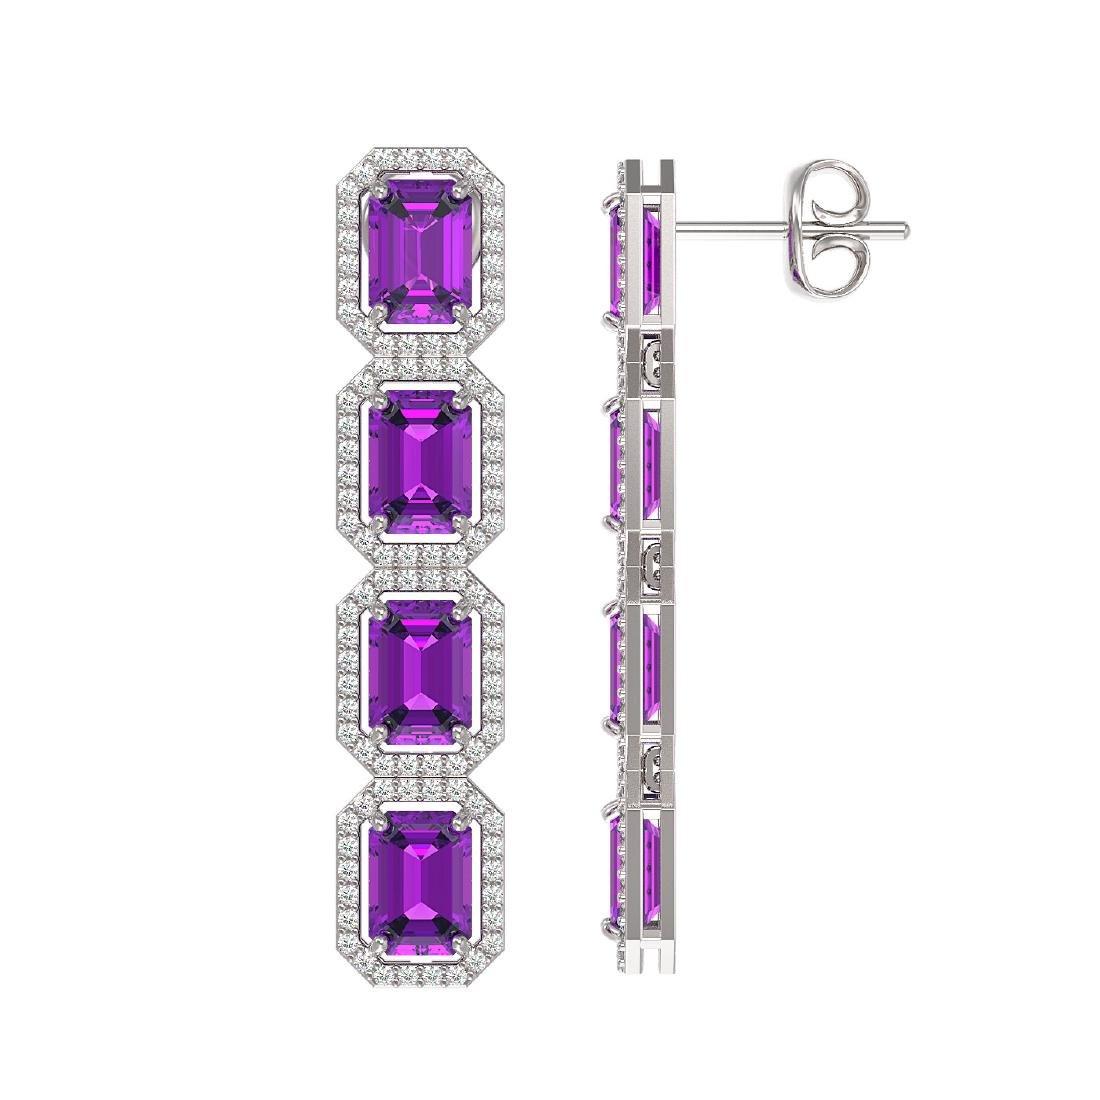 10.73 CTW Amethyst & Diamond Halo Earrings 10K White